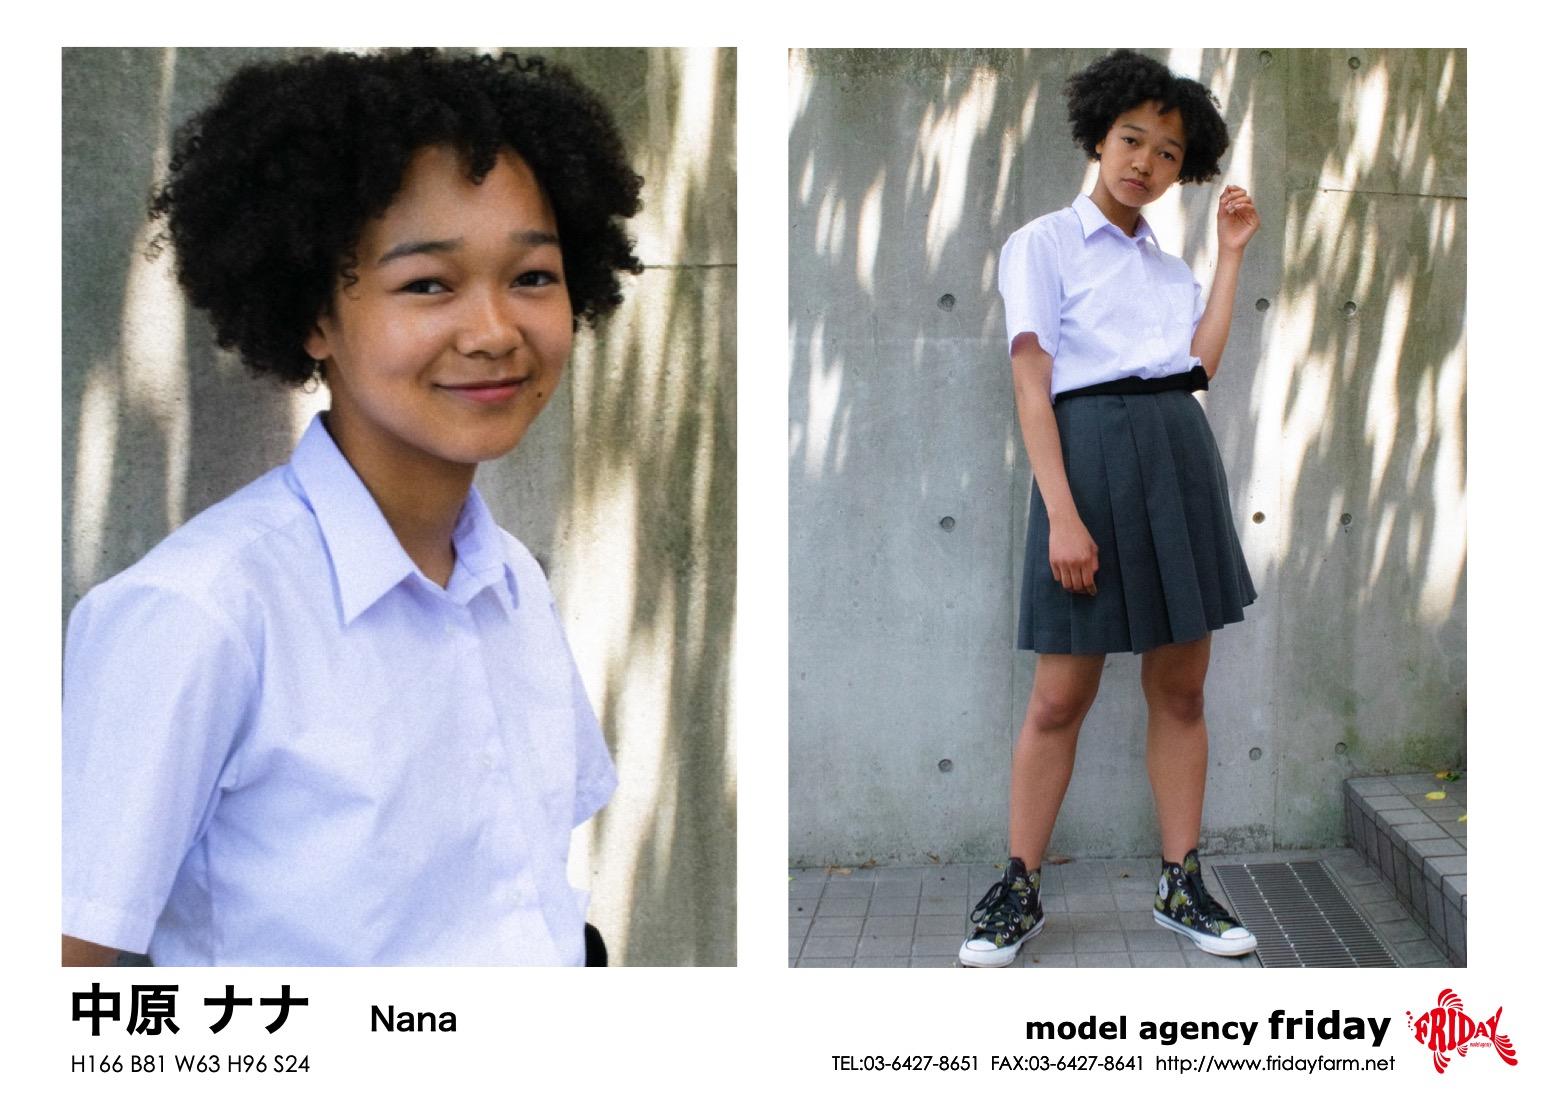 中原 ナナ - Nana Nakahara | model agency friday